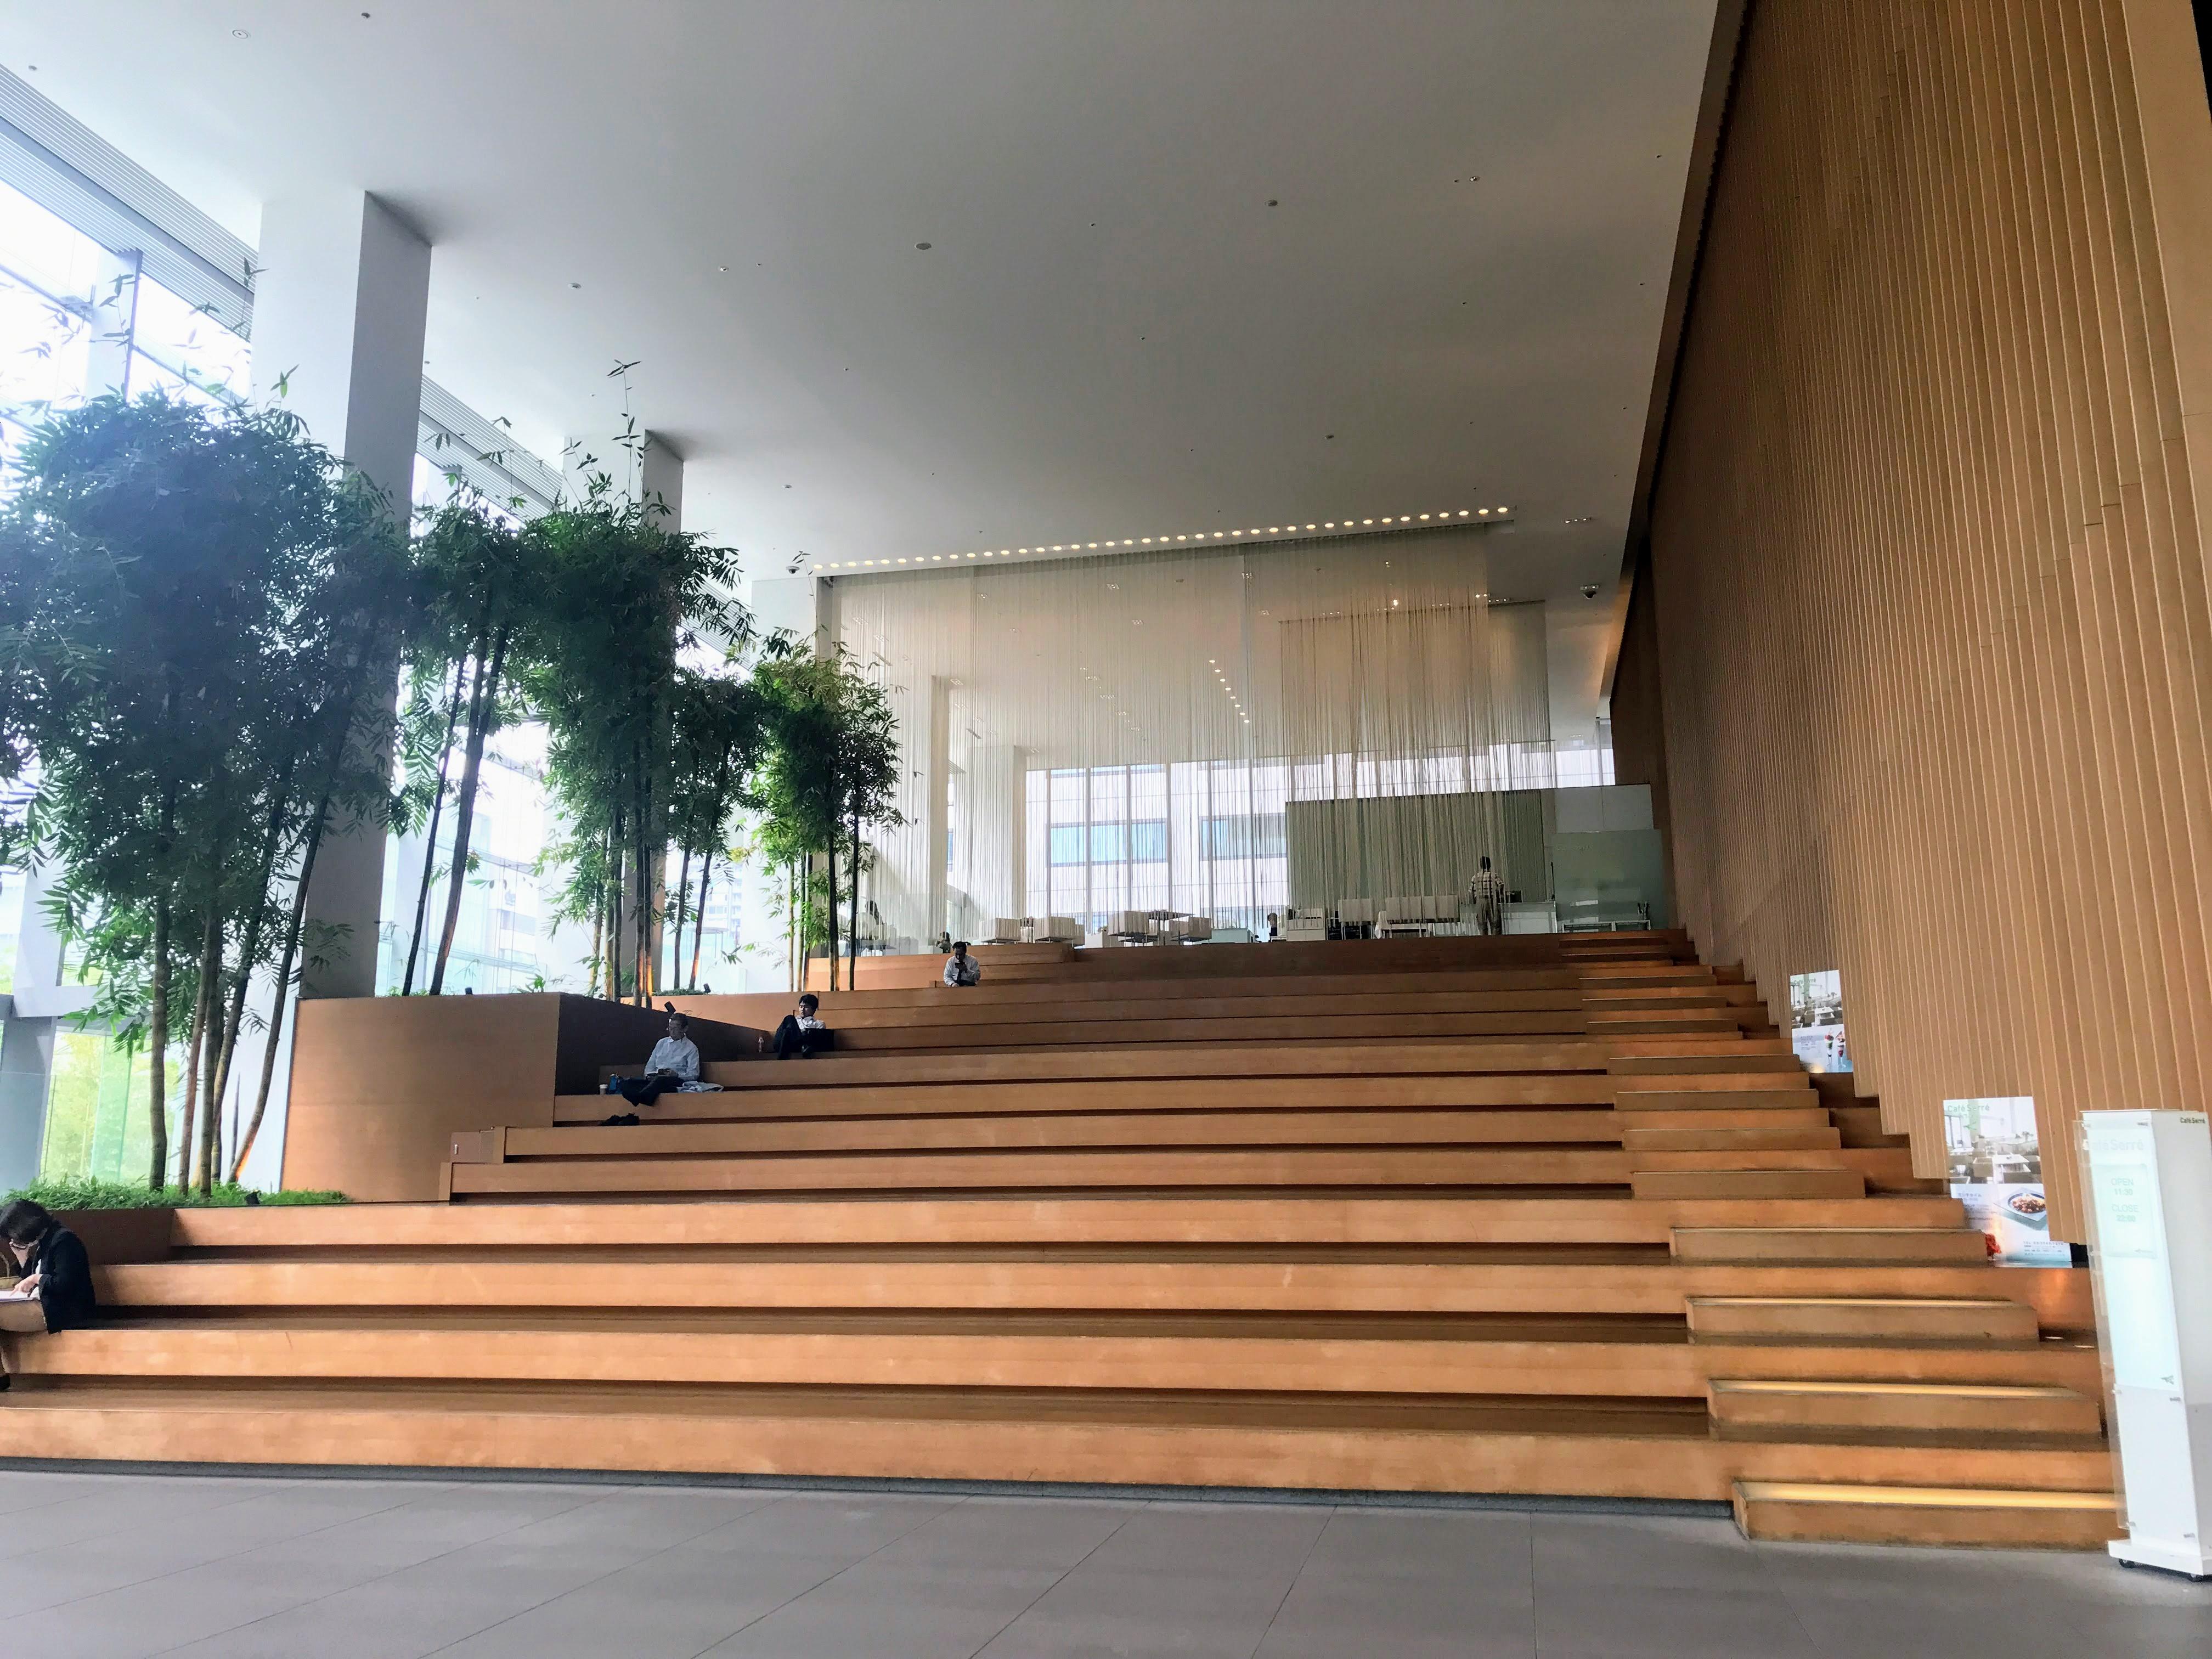 銀座松竹スクエア 大階段